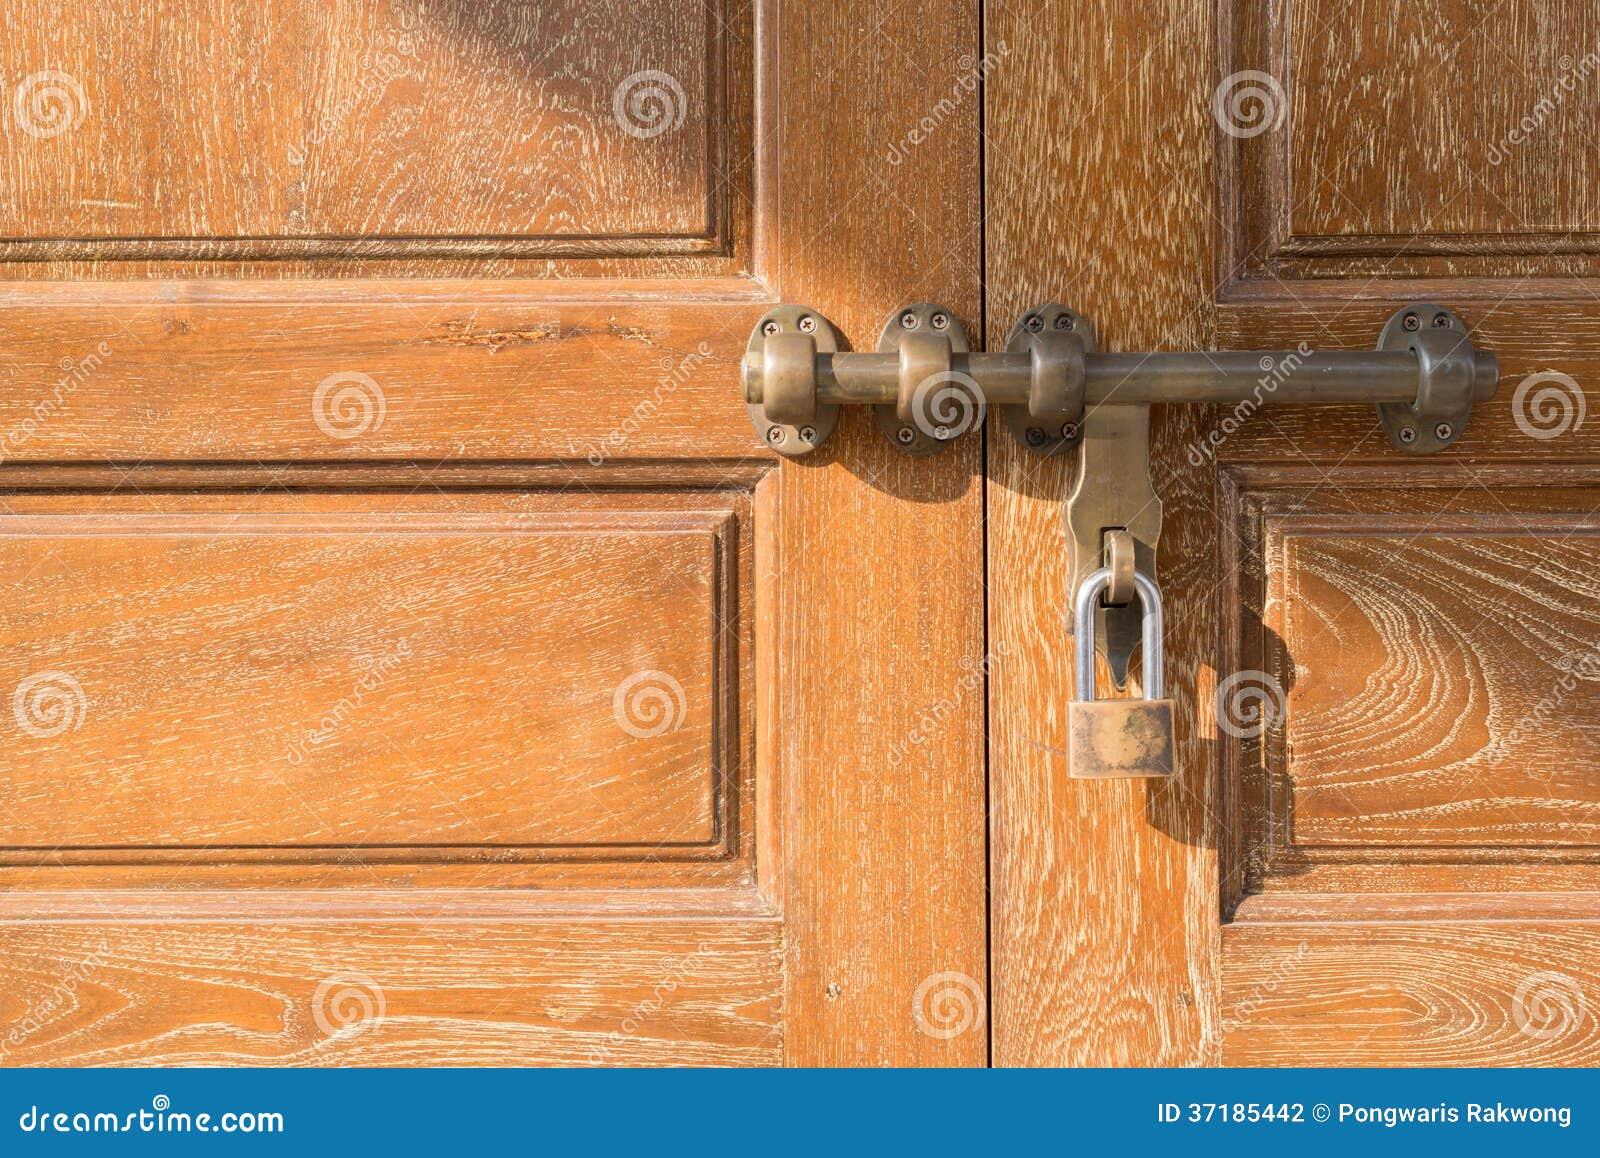 serrure de porte en laiton de style asiatique photo stock image du asiatique type 37185442. Black Bedroom Furniture Sets. Home Design Ideas